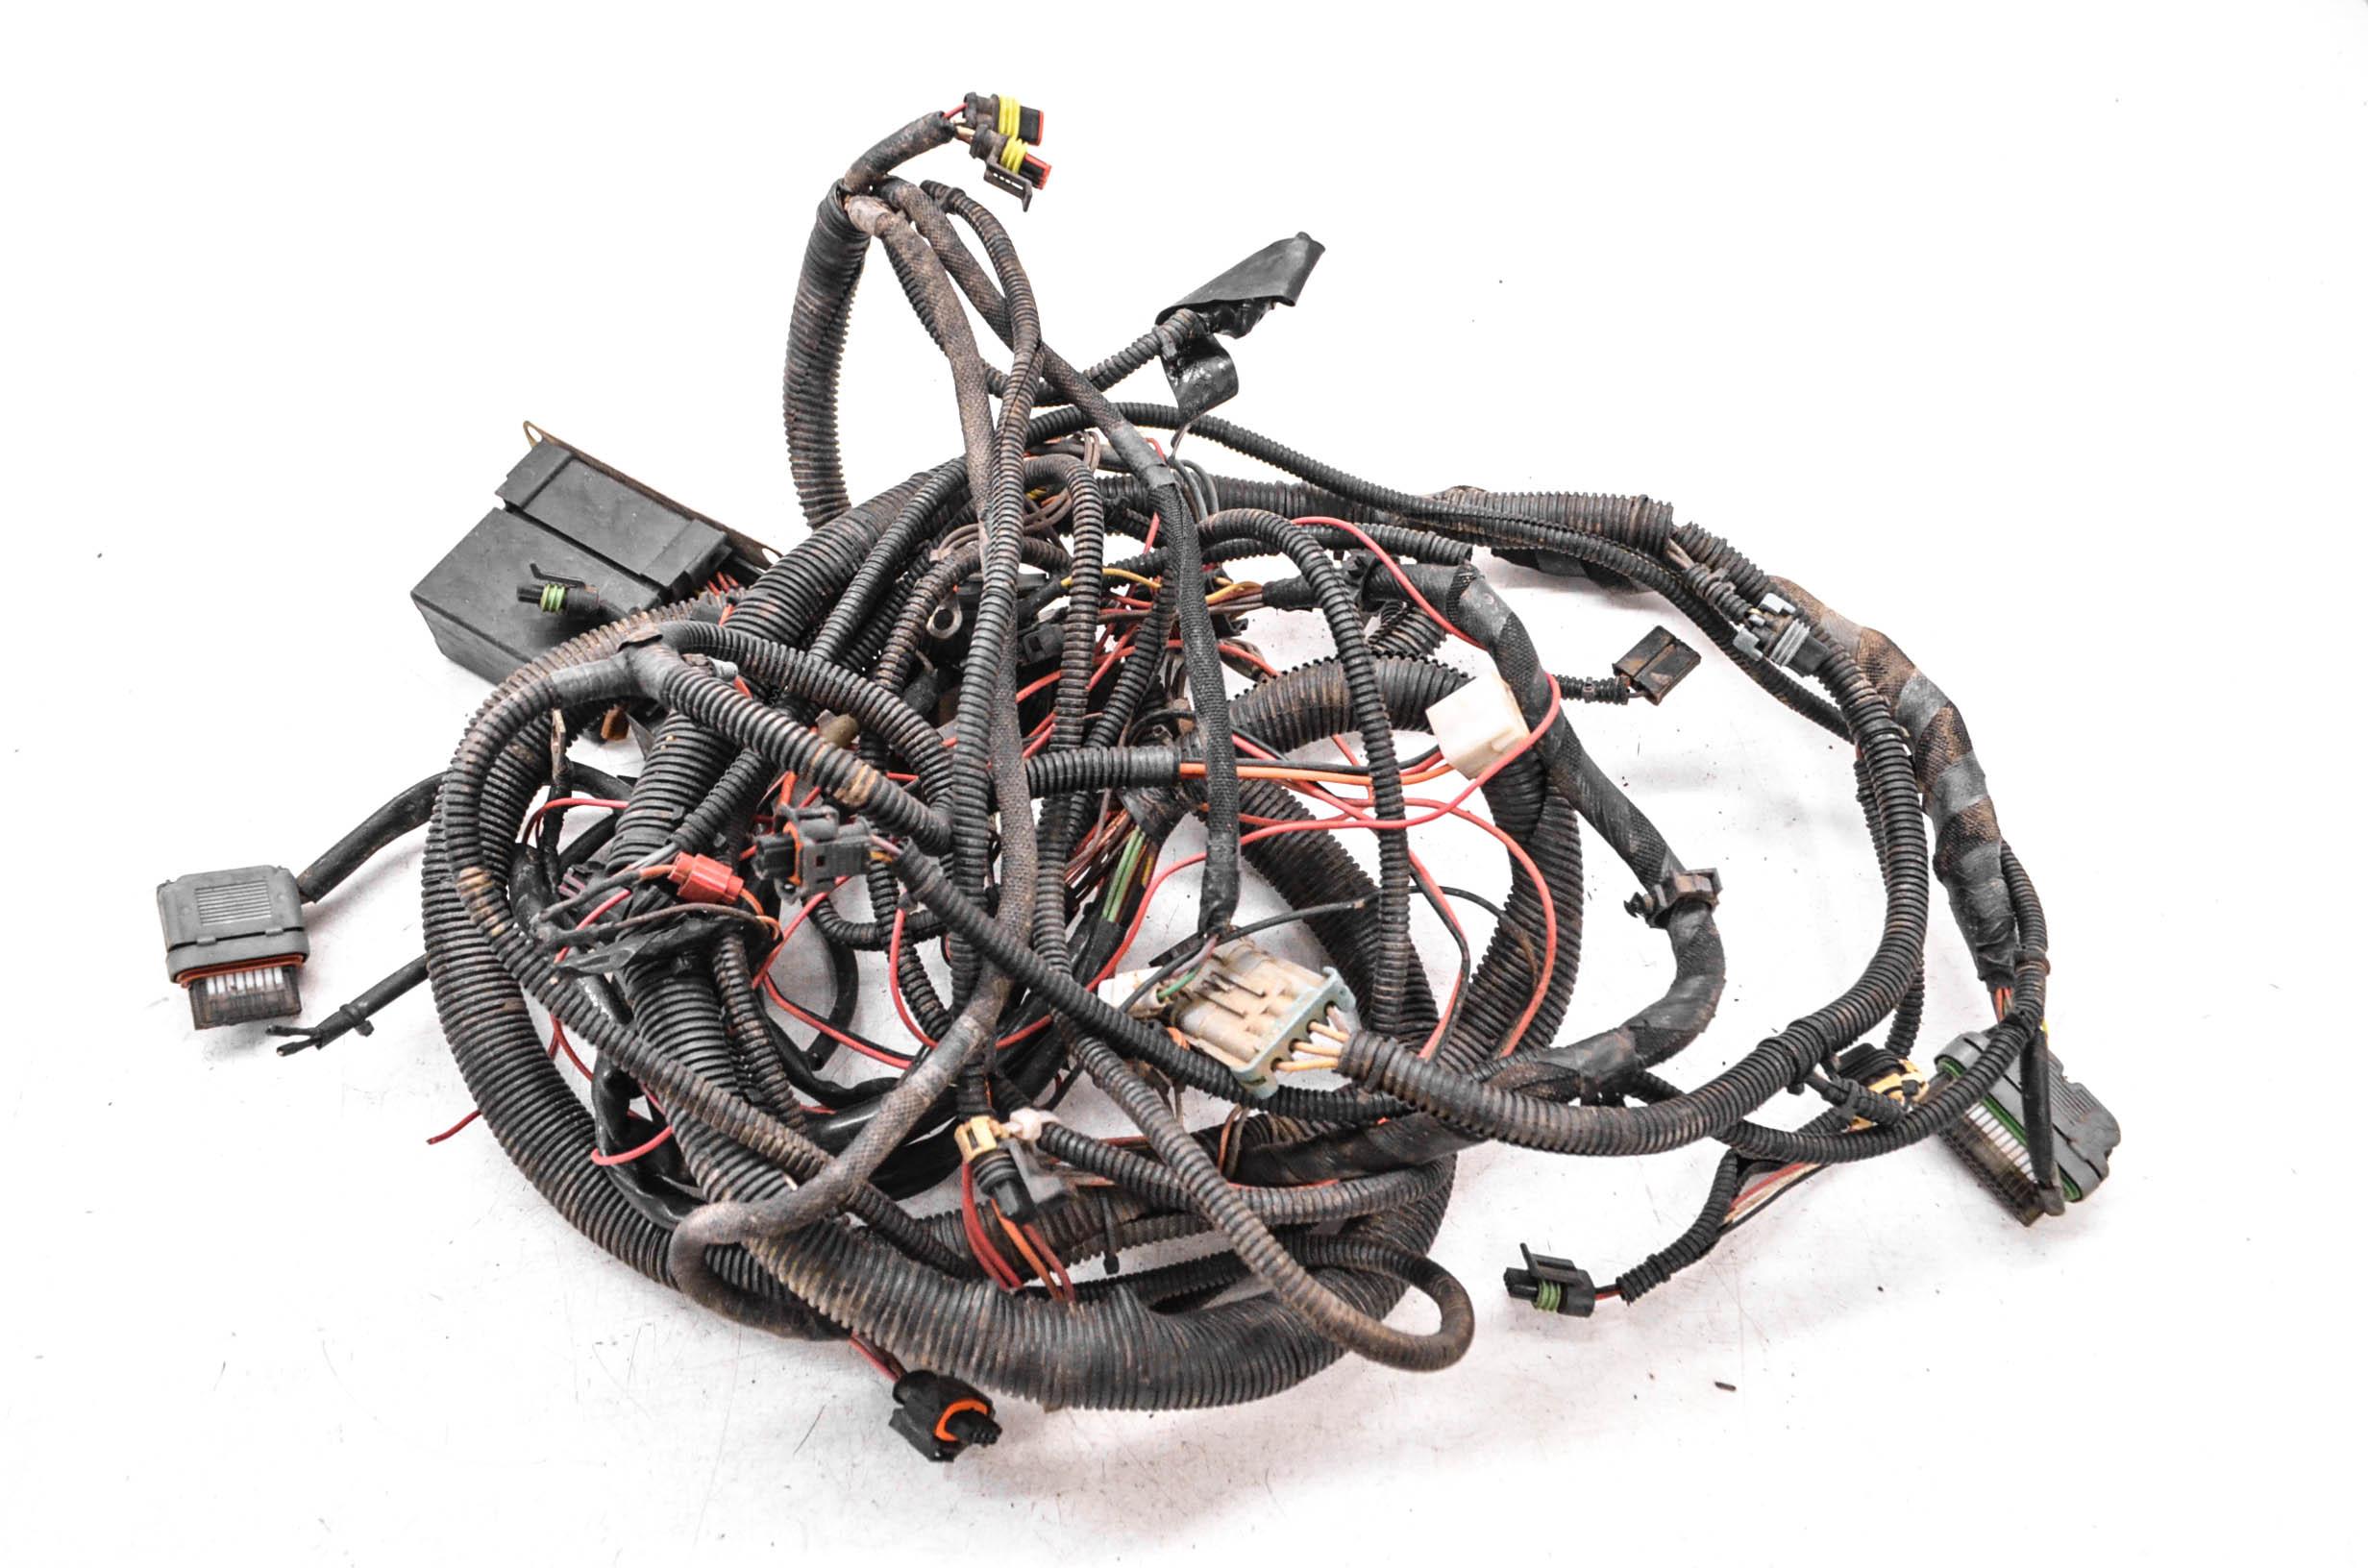 09 Polaris Rzr 800 4x4 Wire Harness Electrical Wiring